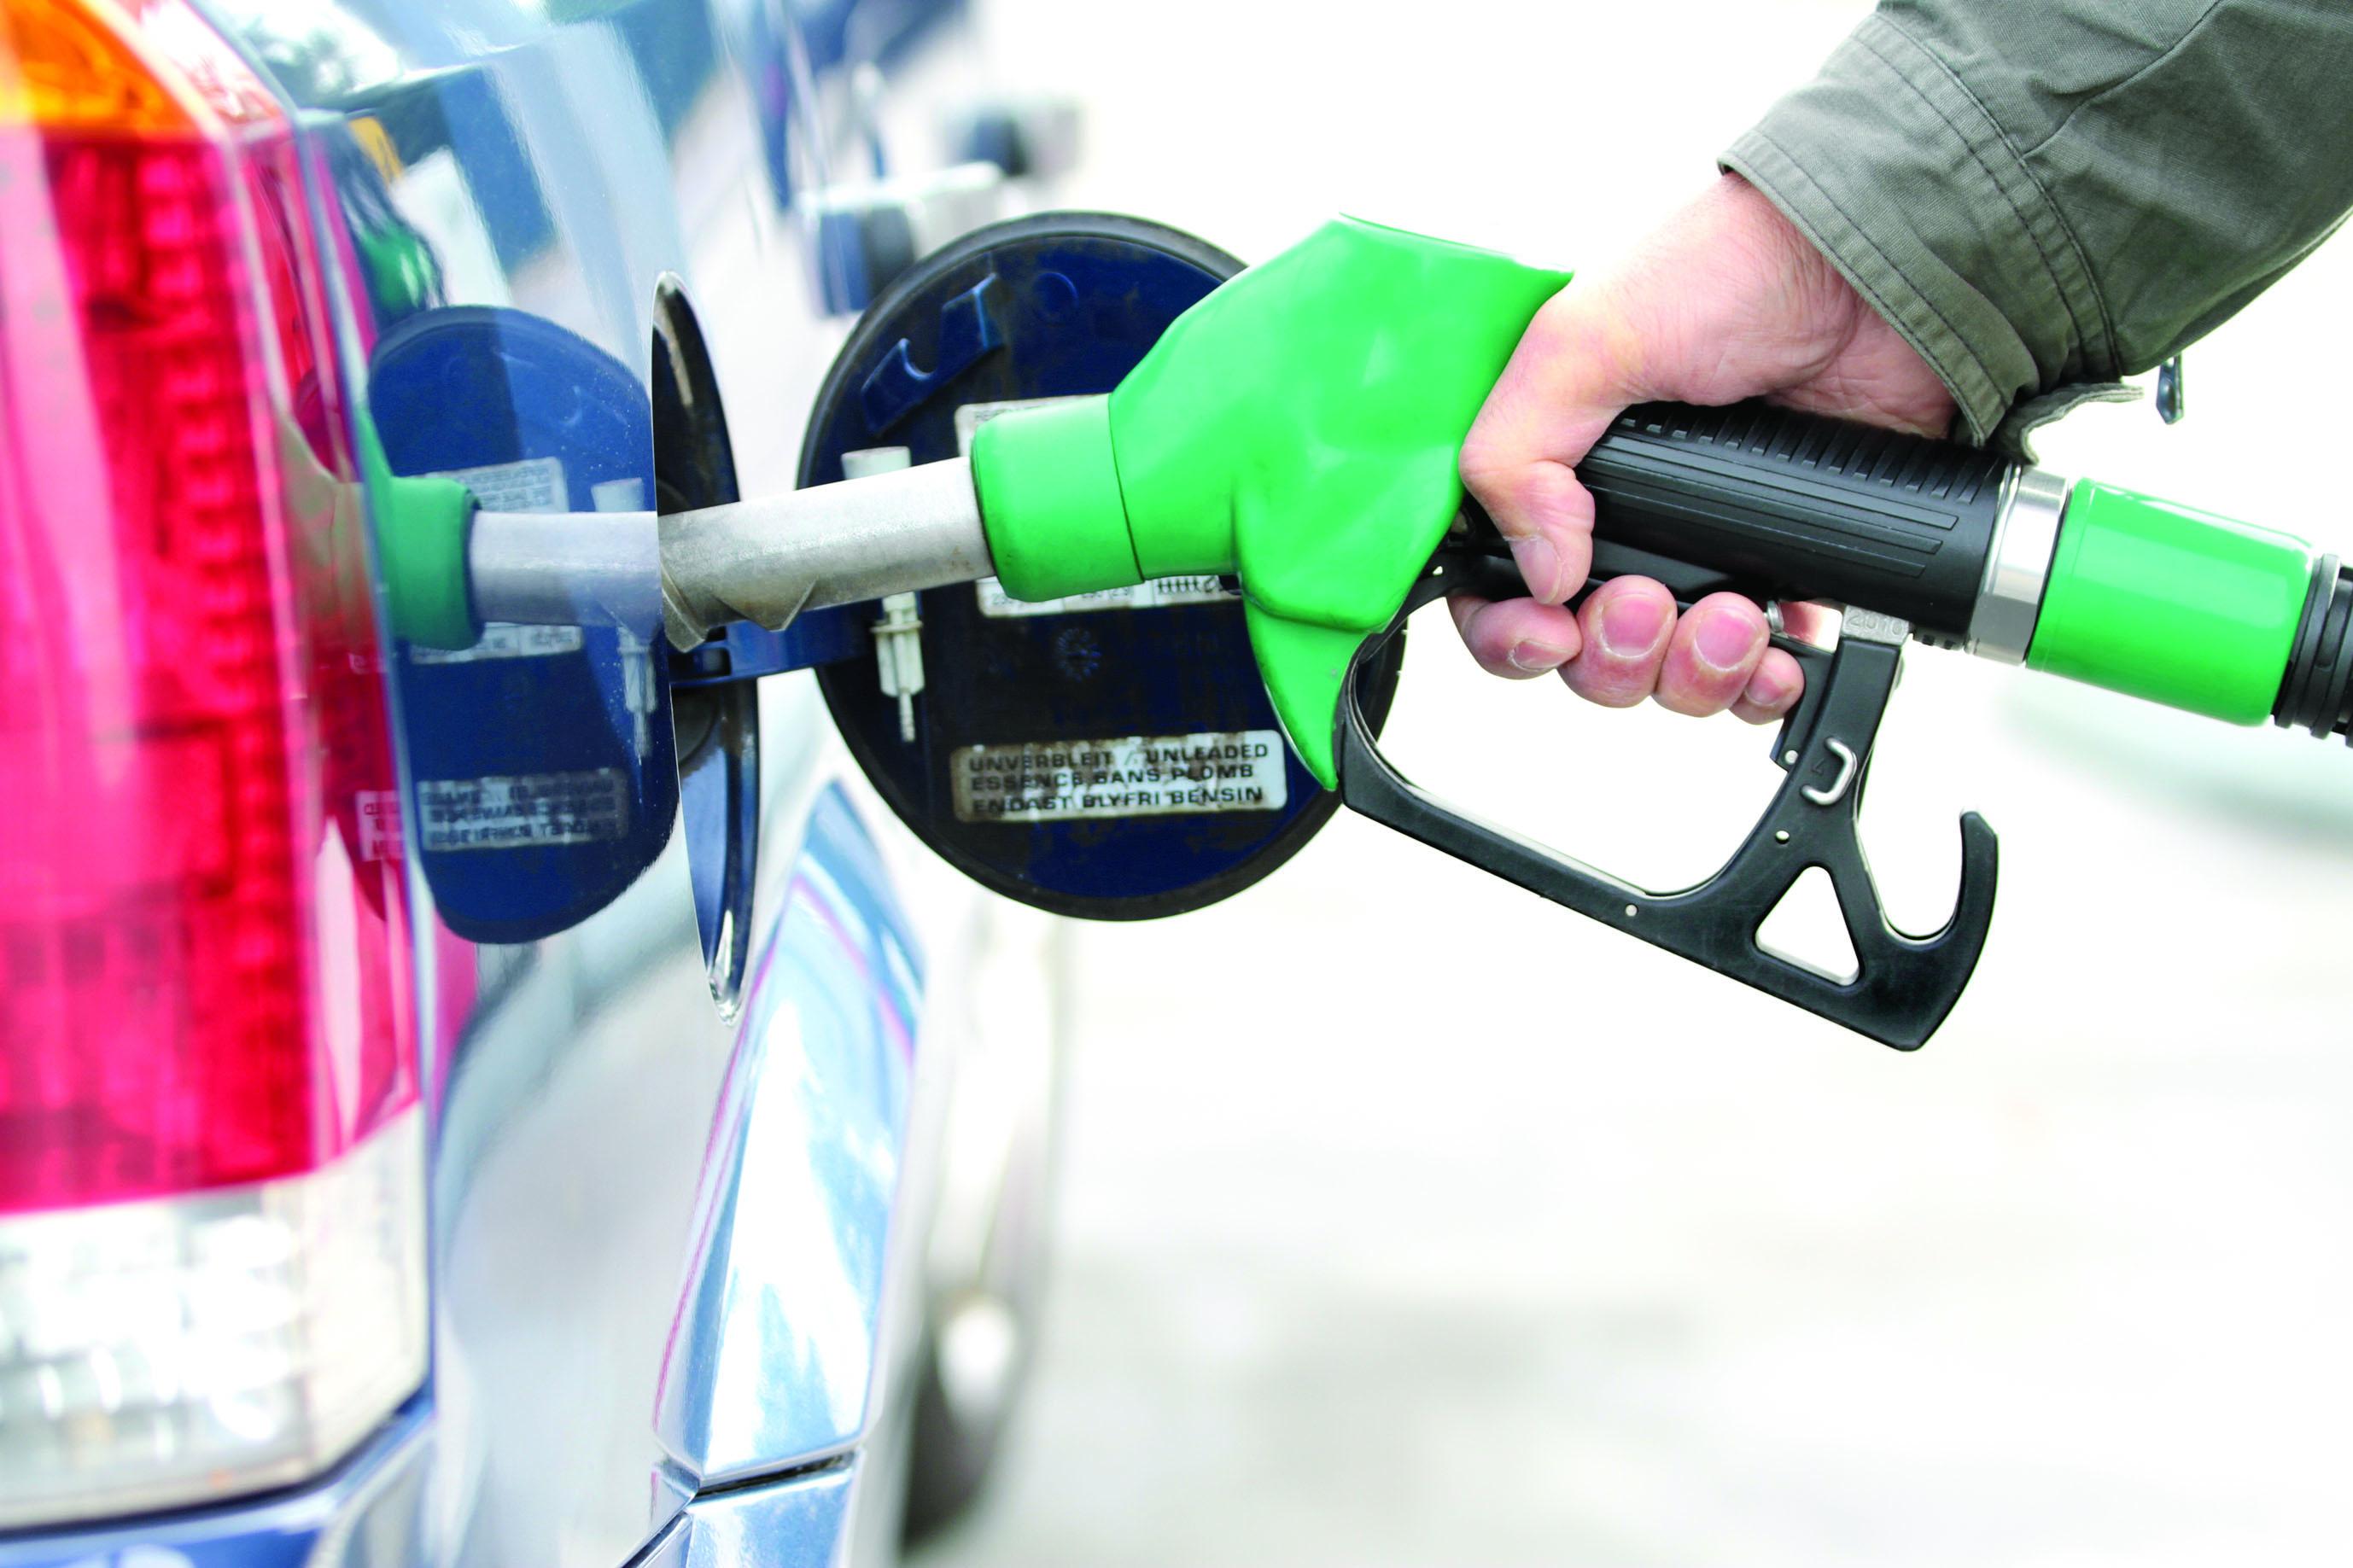 الصيانة الدورية للسيارة والمحرك يحد من استهلاك الوقود ويوفر على المستهلك